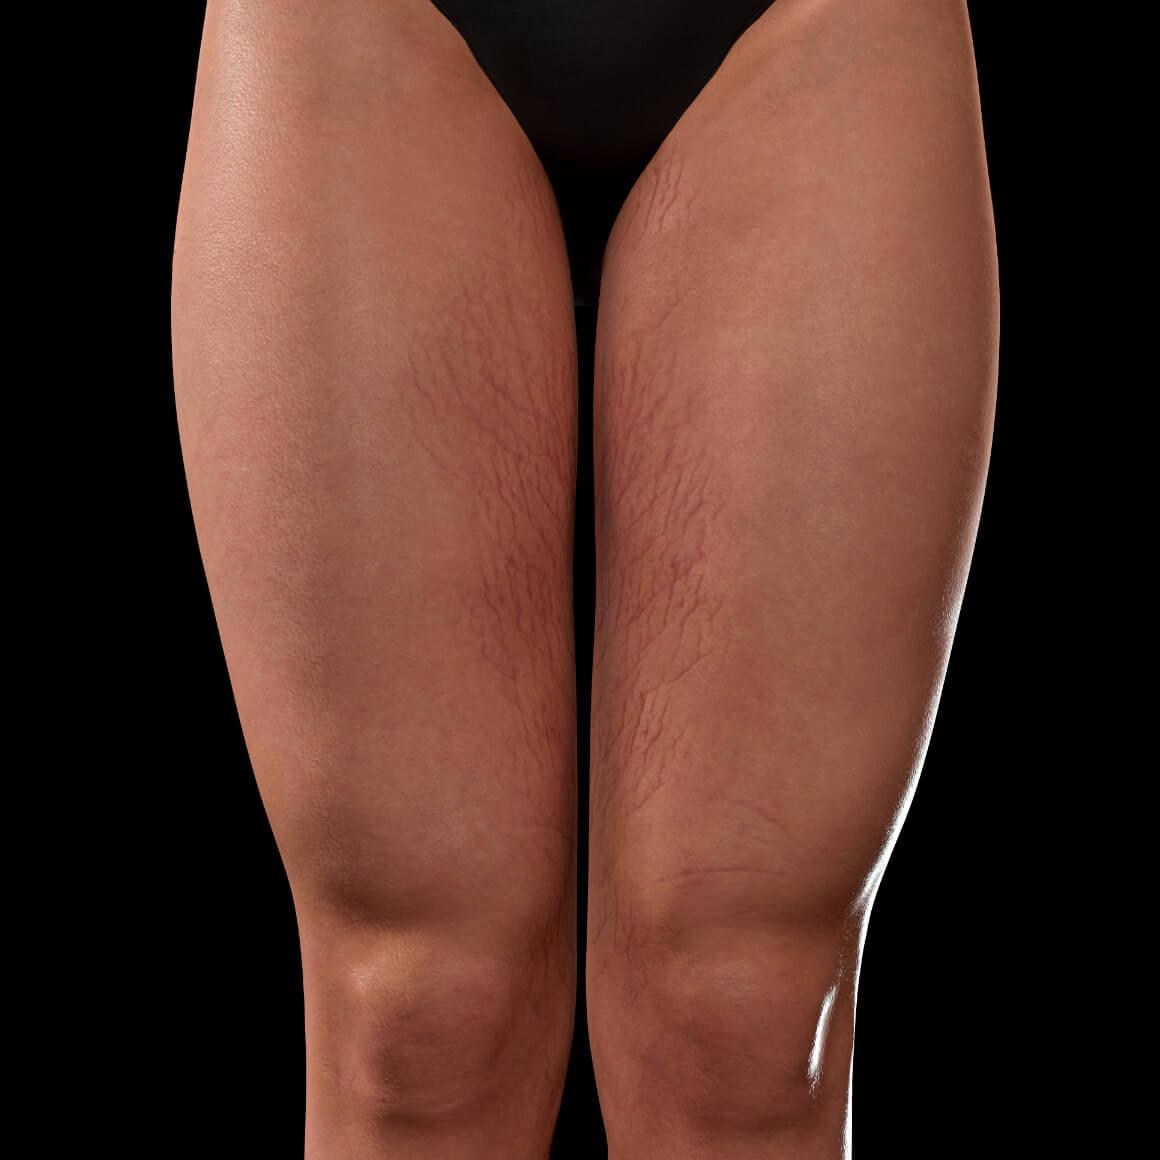 Cuisses antérieures d'une patiente de la Clinique Chloé montrant des vergetures